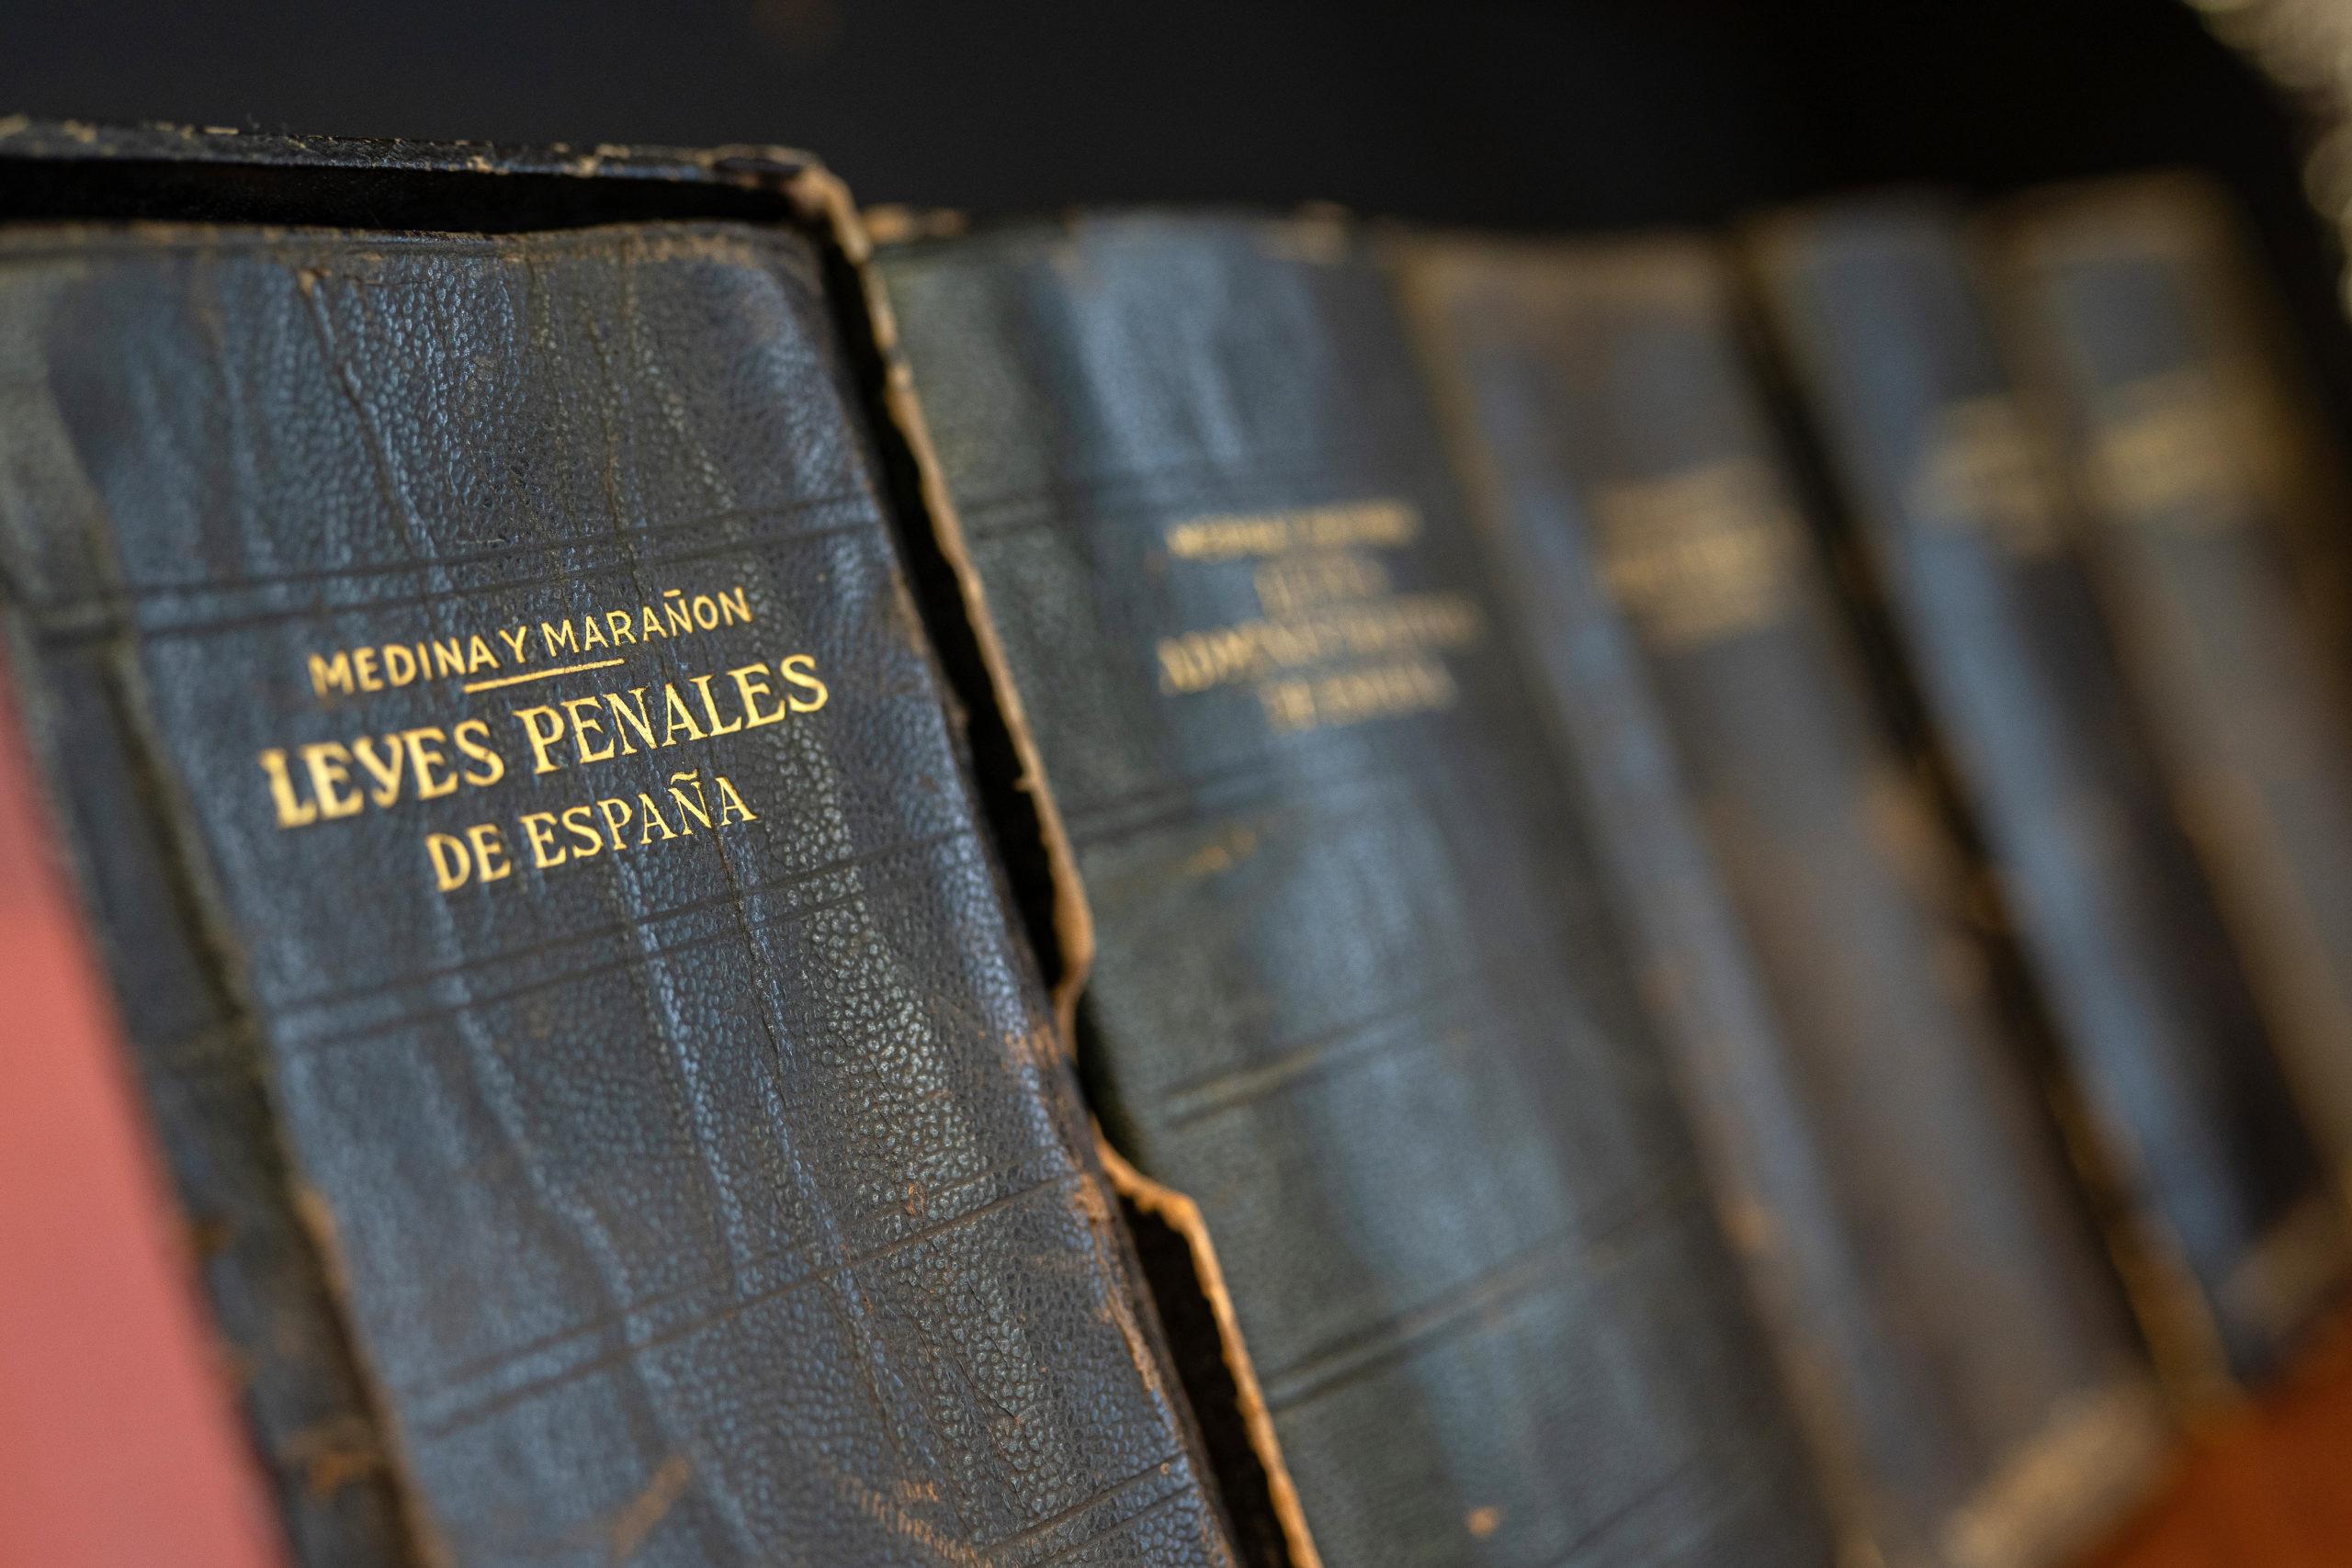 libros jurídicos de leyes